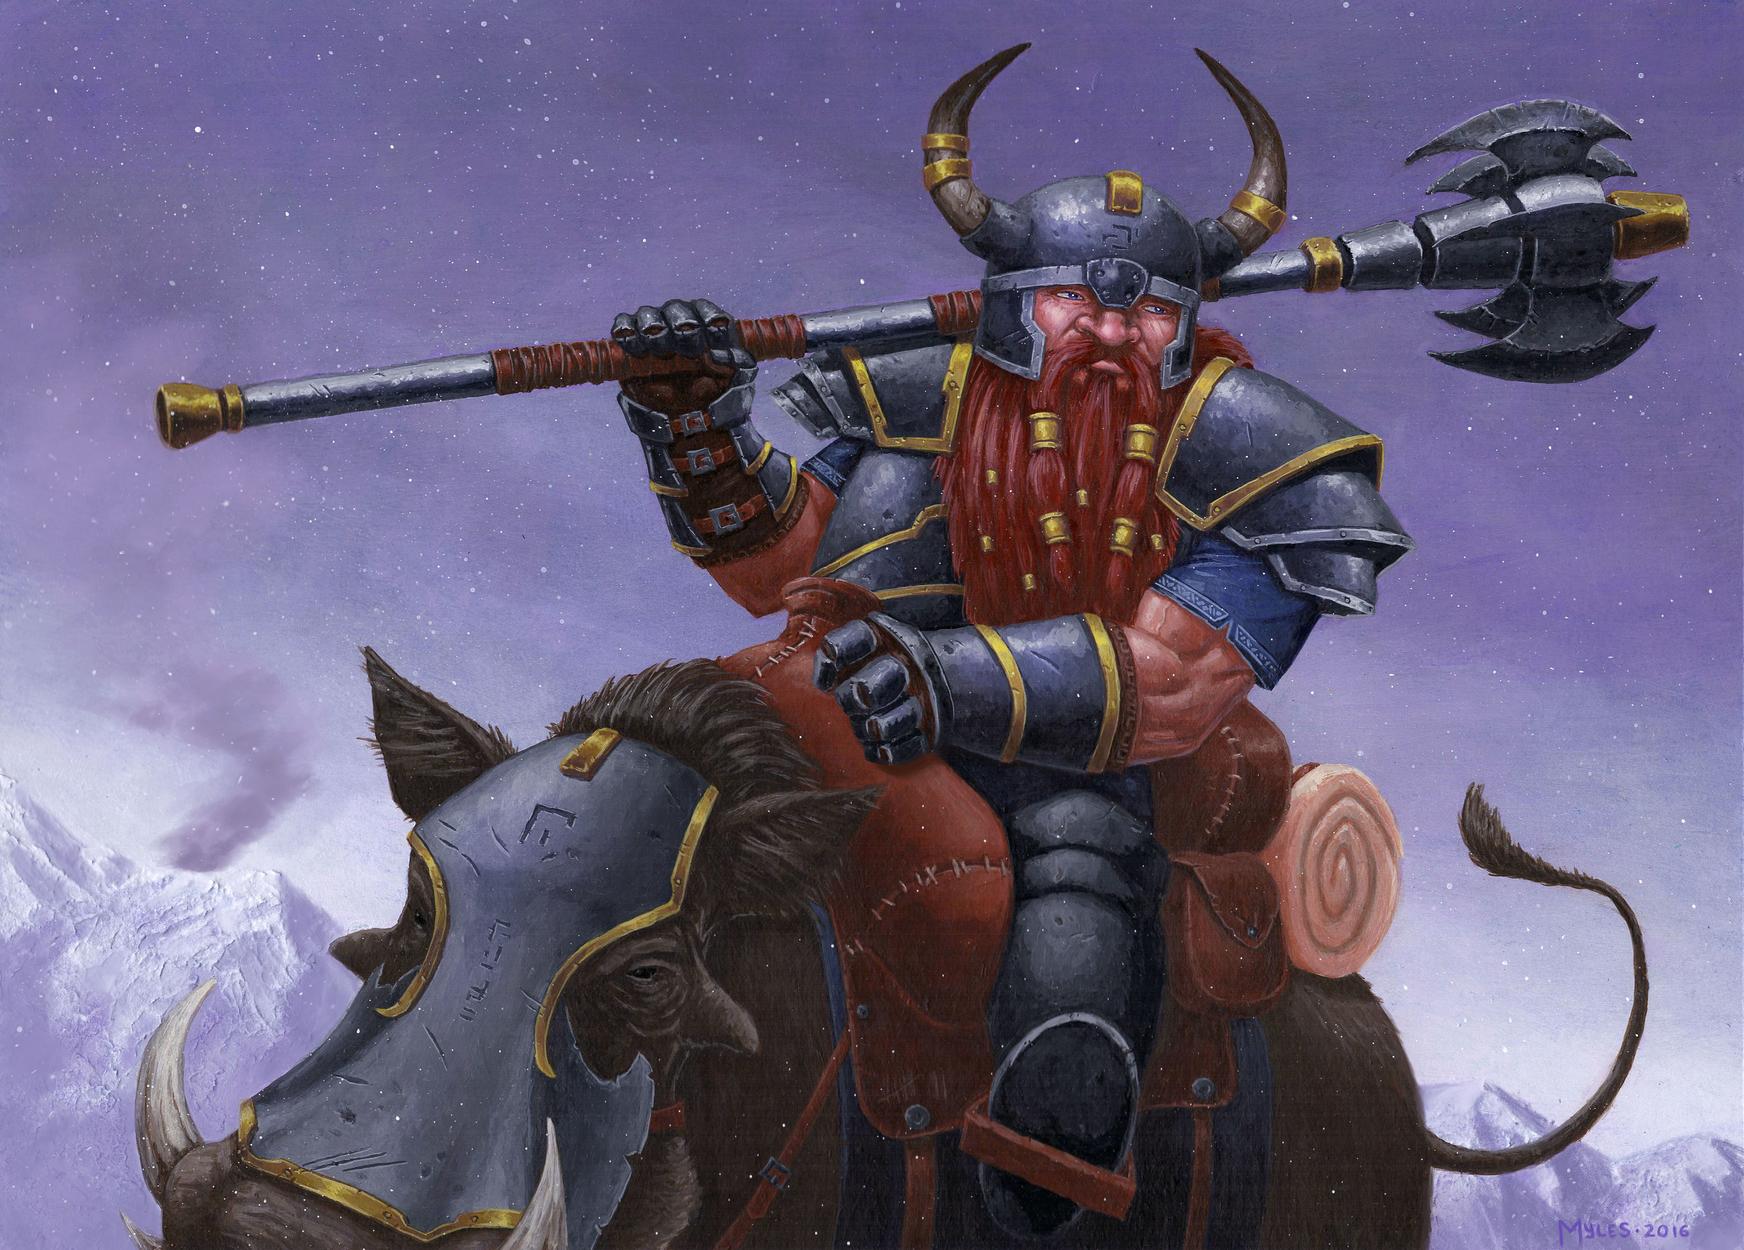 Dwarven Warthog Rider Artwork by Myles Wohl